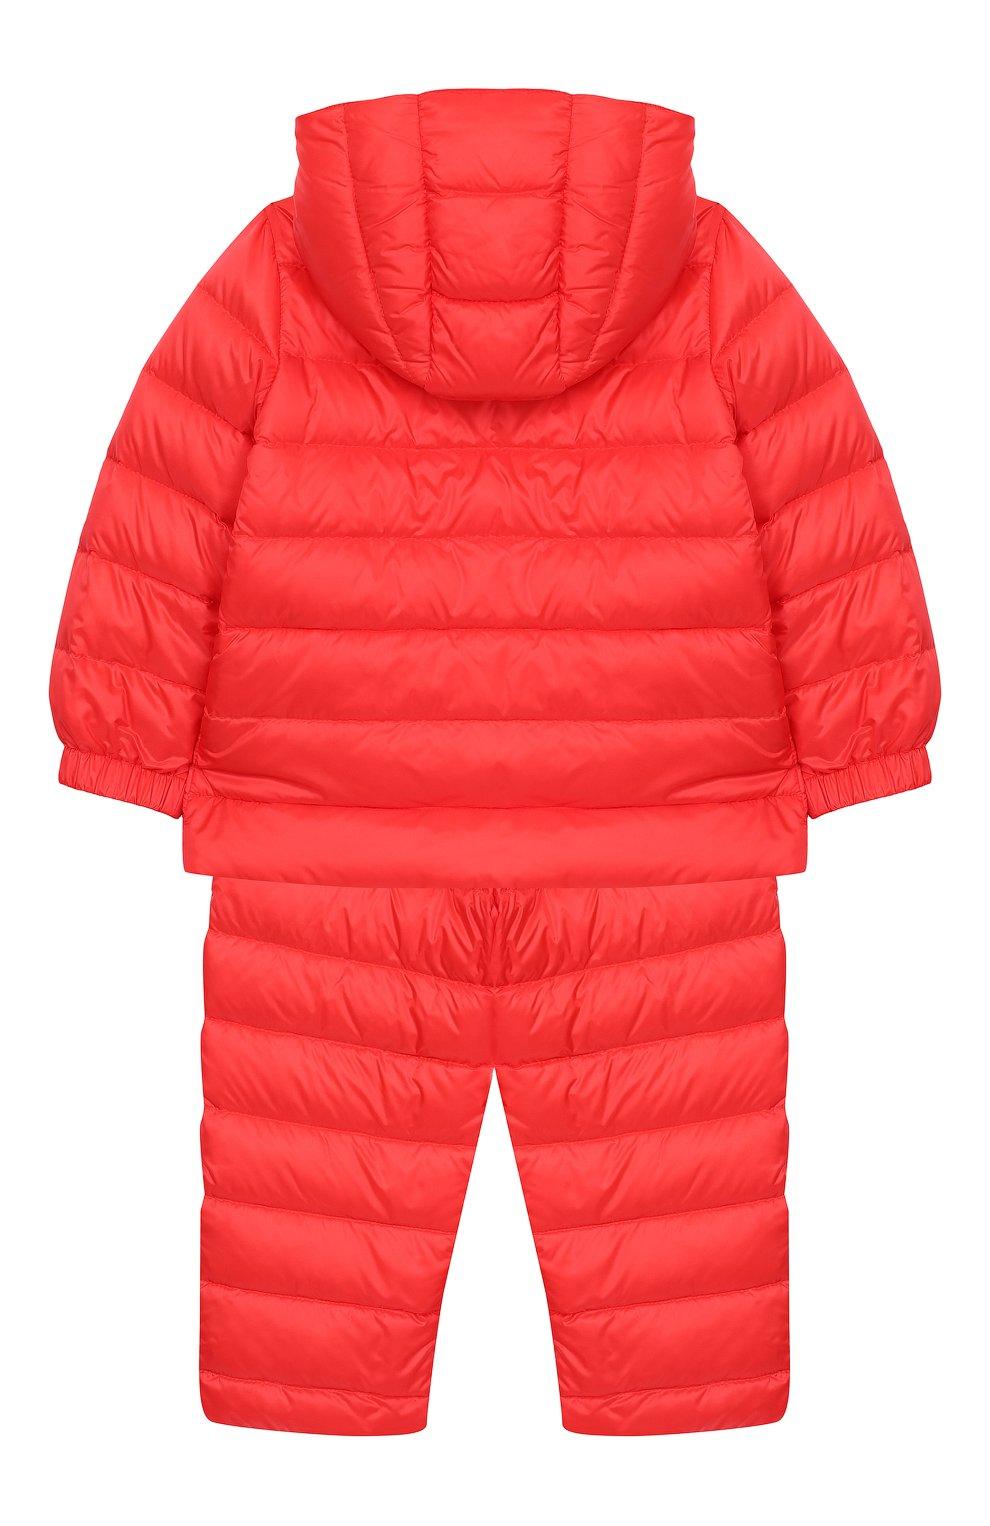 Детский комплект из куртки и комбинезона MONCLER ENFANT кораллового цвета, арт. E1-951-70340-05-53048 | Фото 2